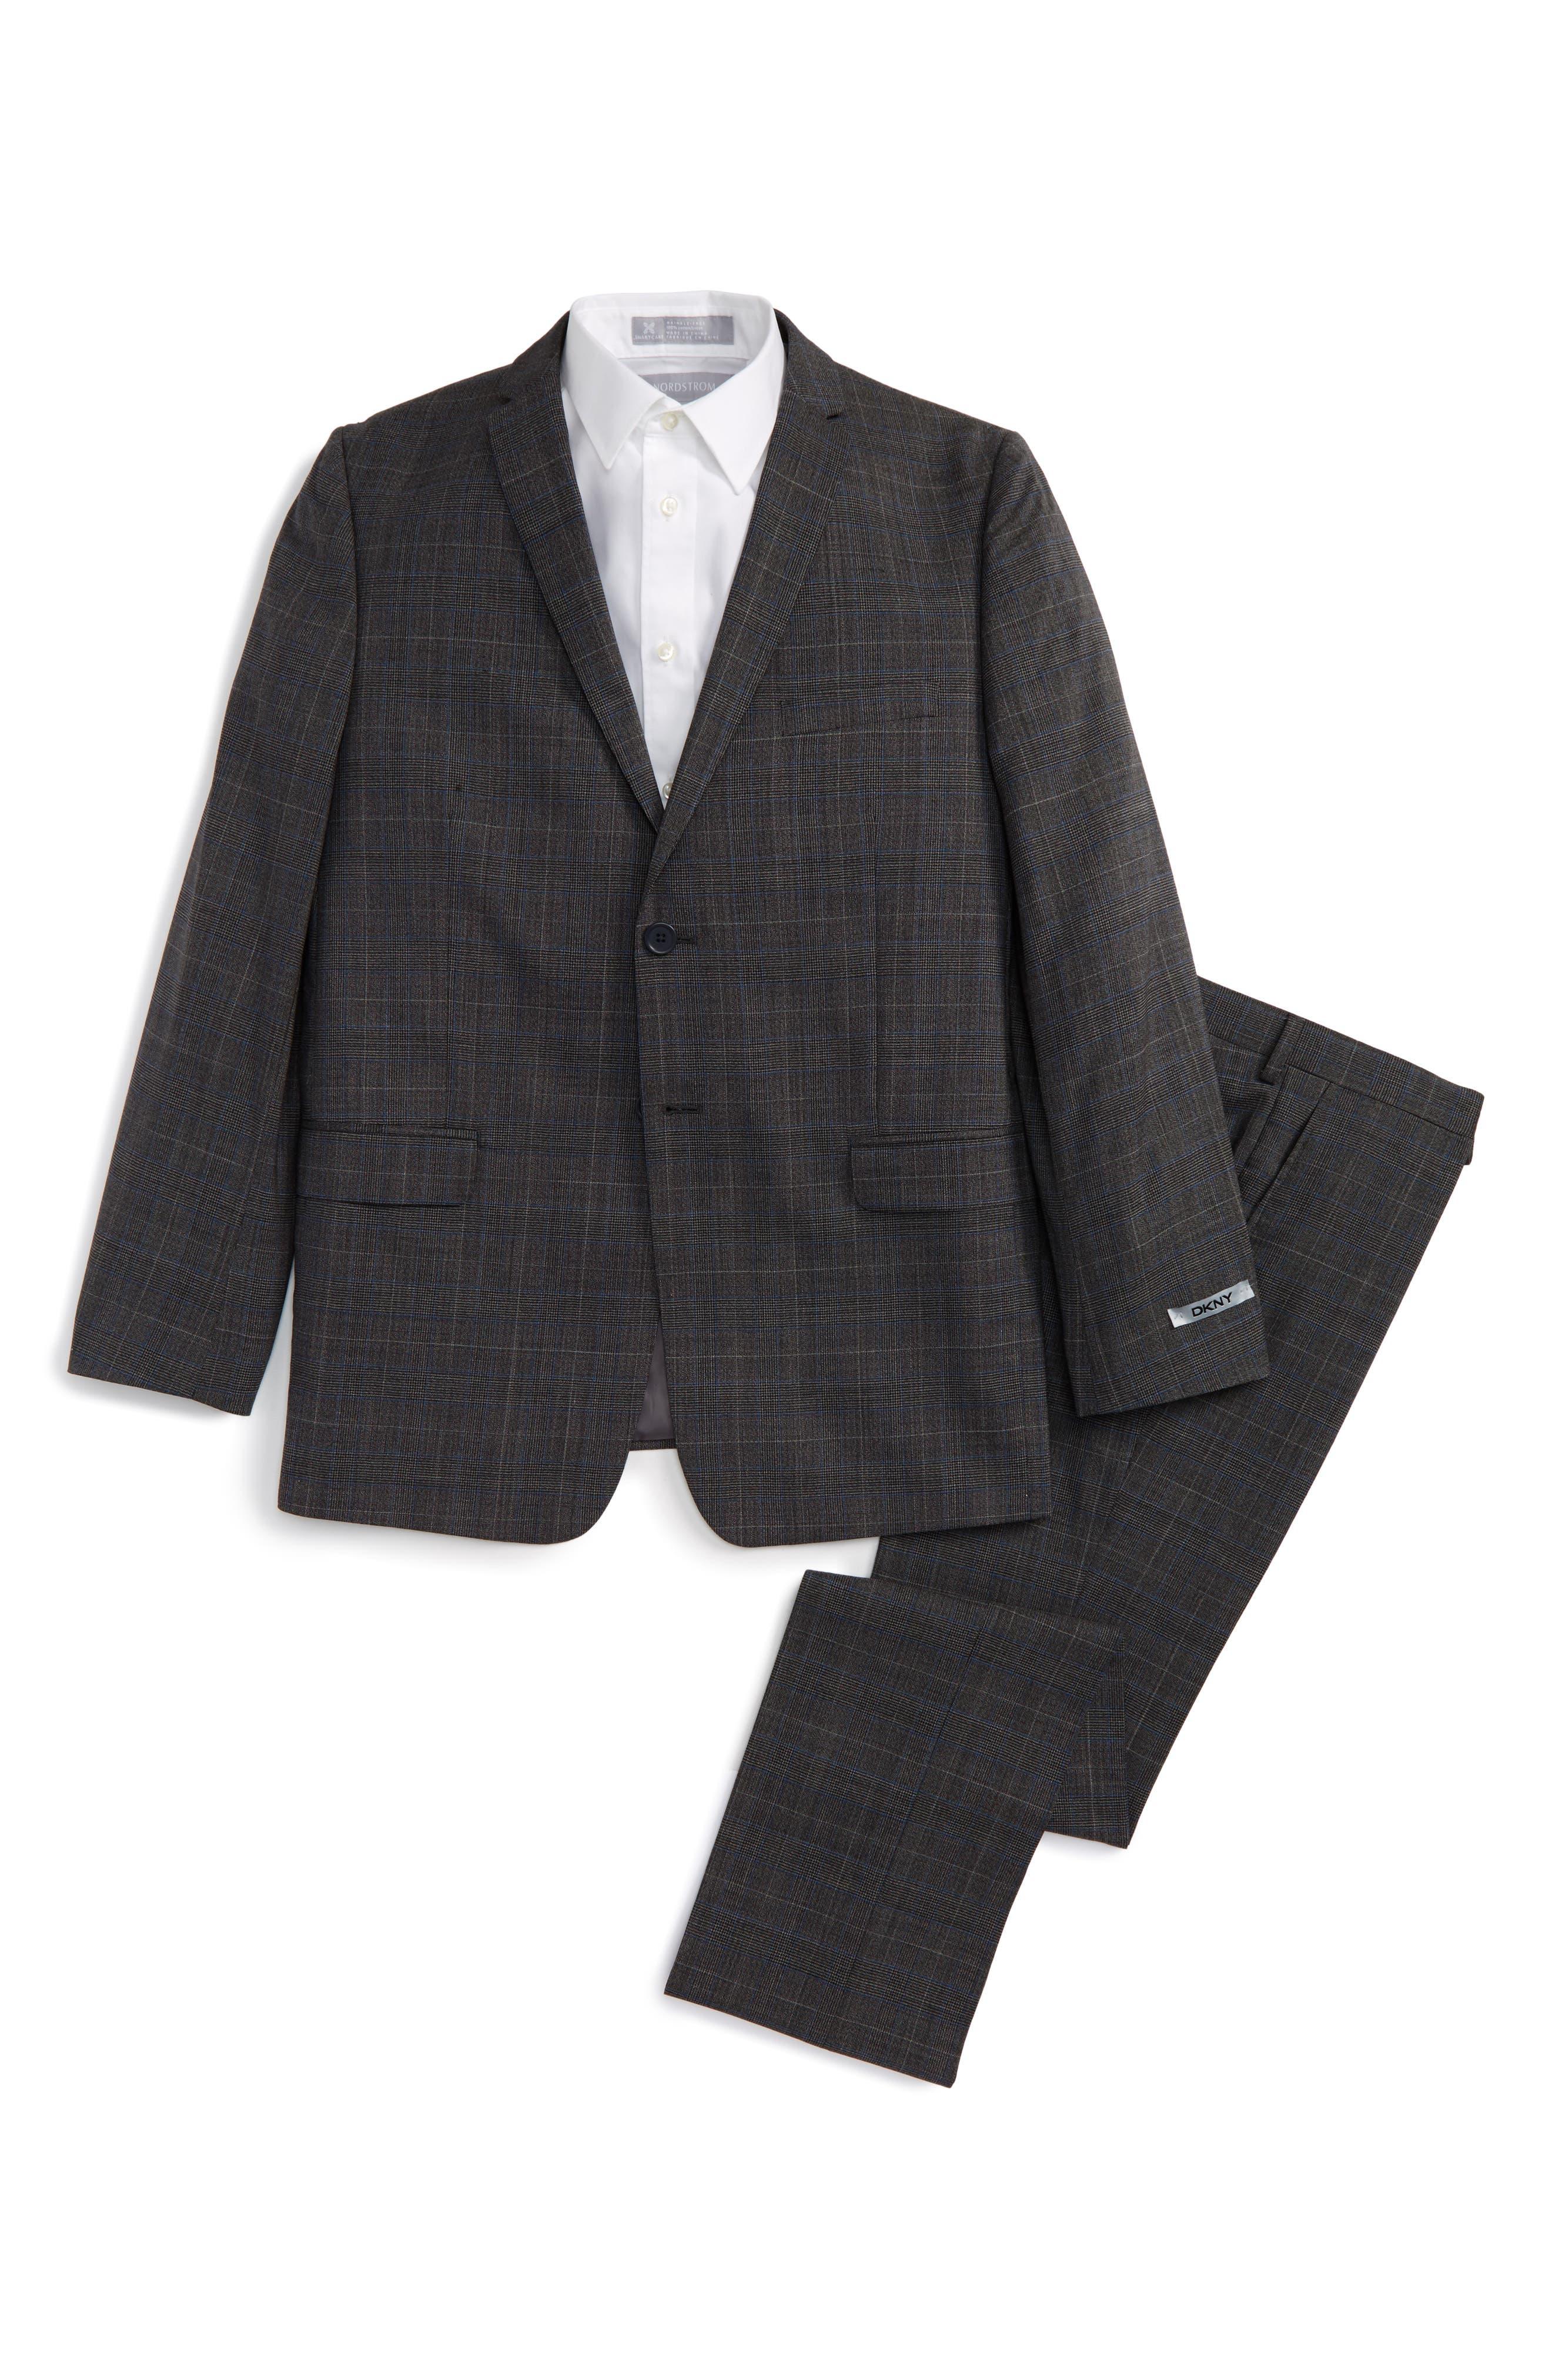 Glen Plaid Wool Suit,                             Main thumbnail 1, color,                             072